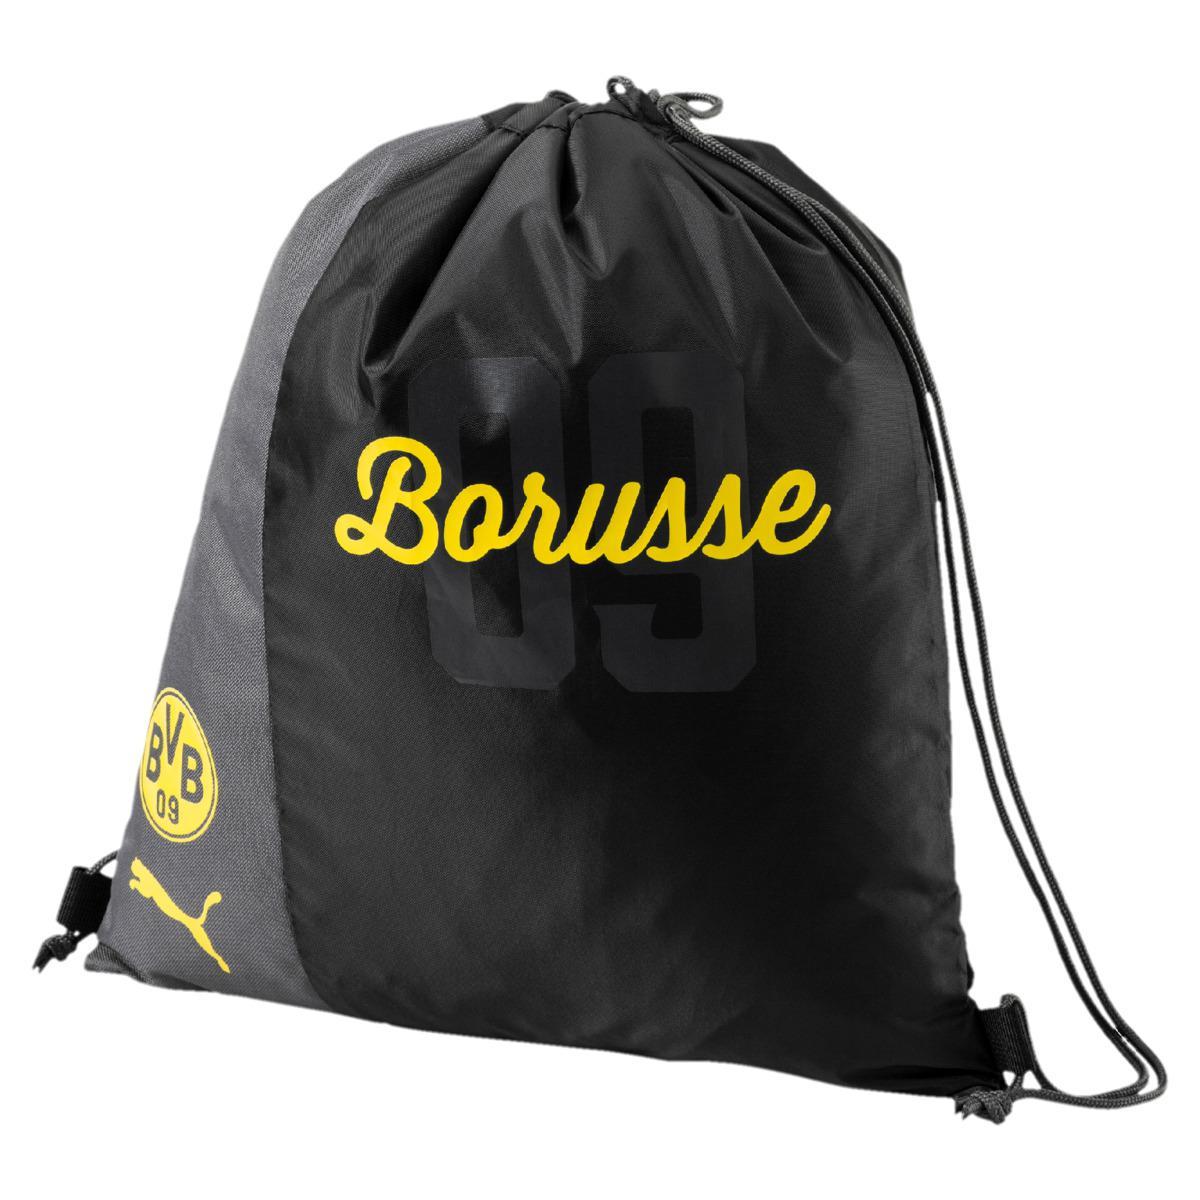 ... PUMA. Mens Black Borussia Dortmund Bvb Fanwear Gymsack new arrival  89464 a05f3 ... af59135f138be